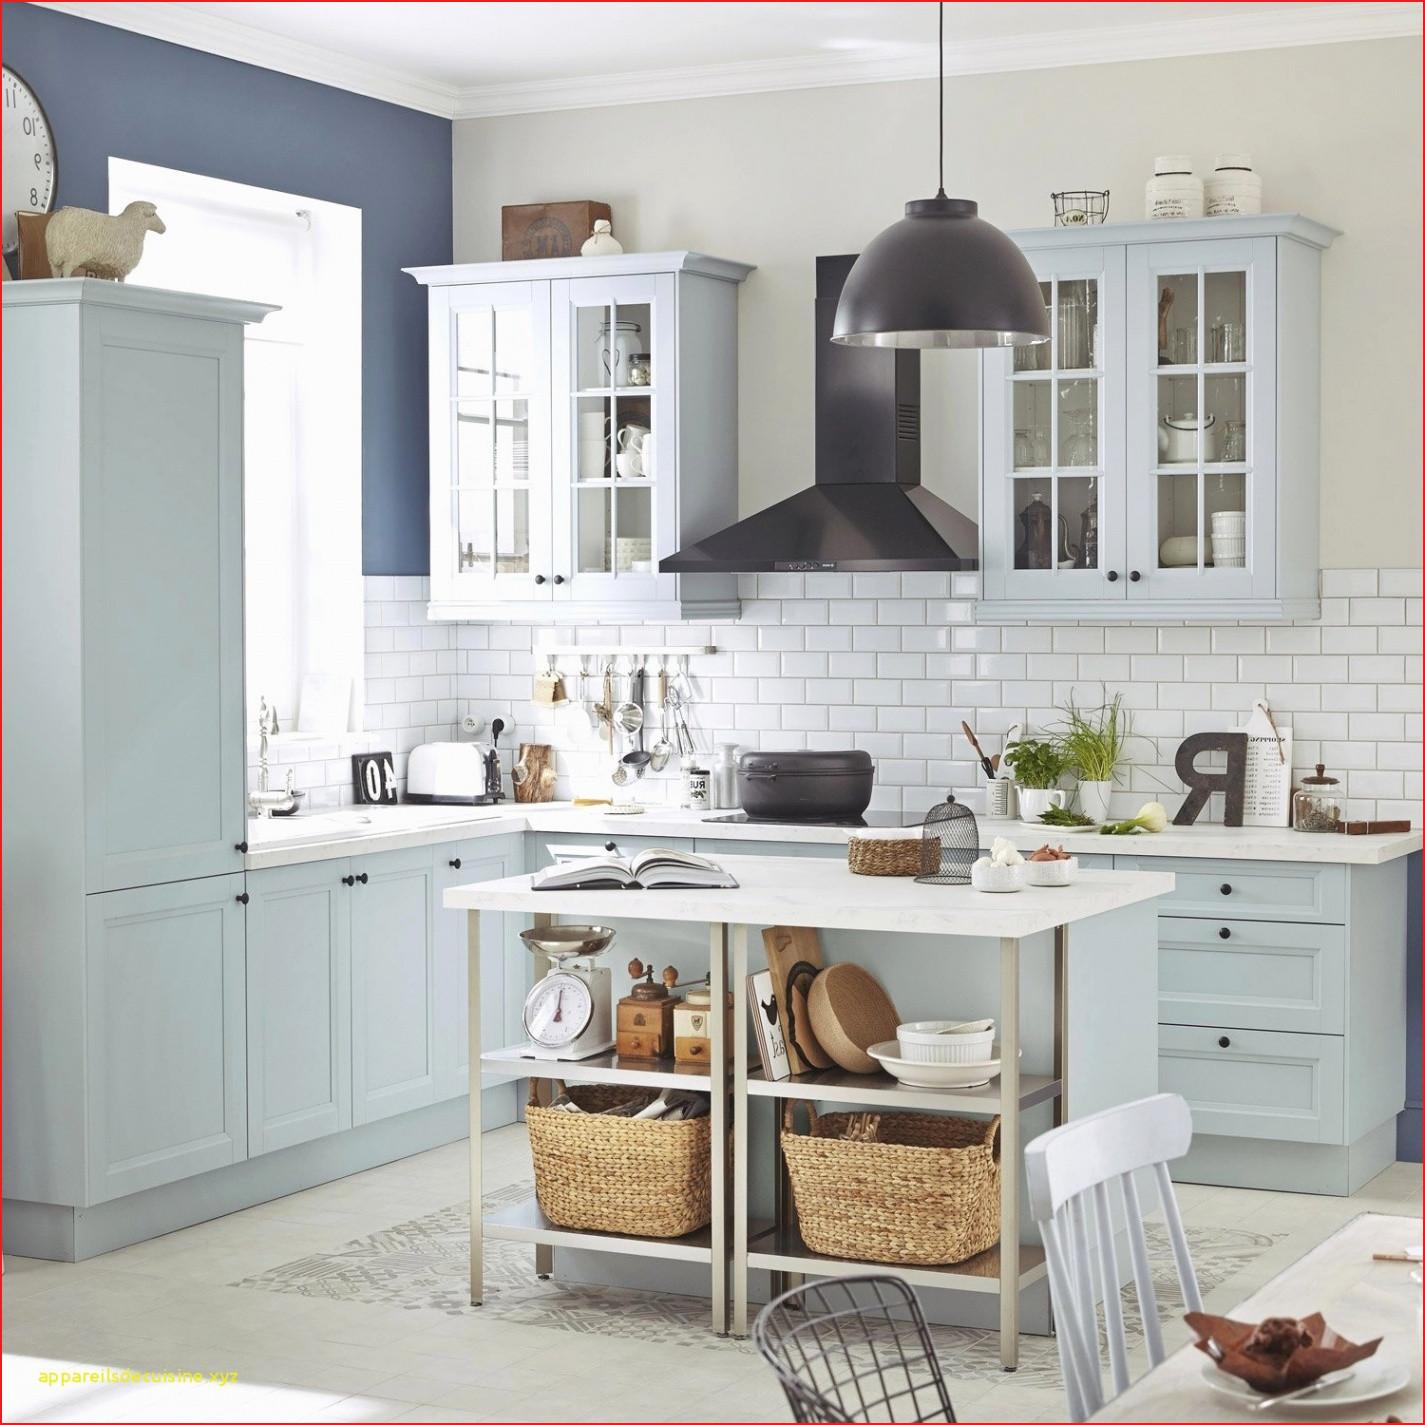 placard haut cuisine meuble haut impressionnant mobilier cuisine 0d archives appareils de of placard haut cuisine